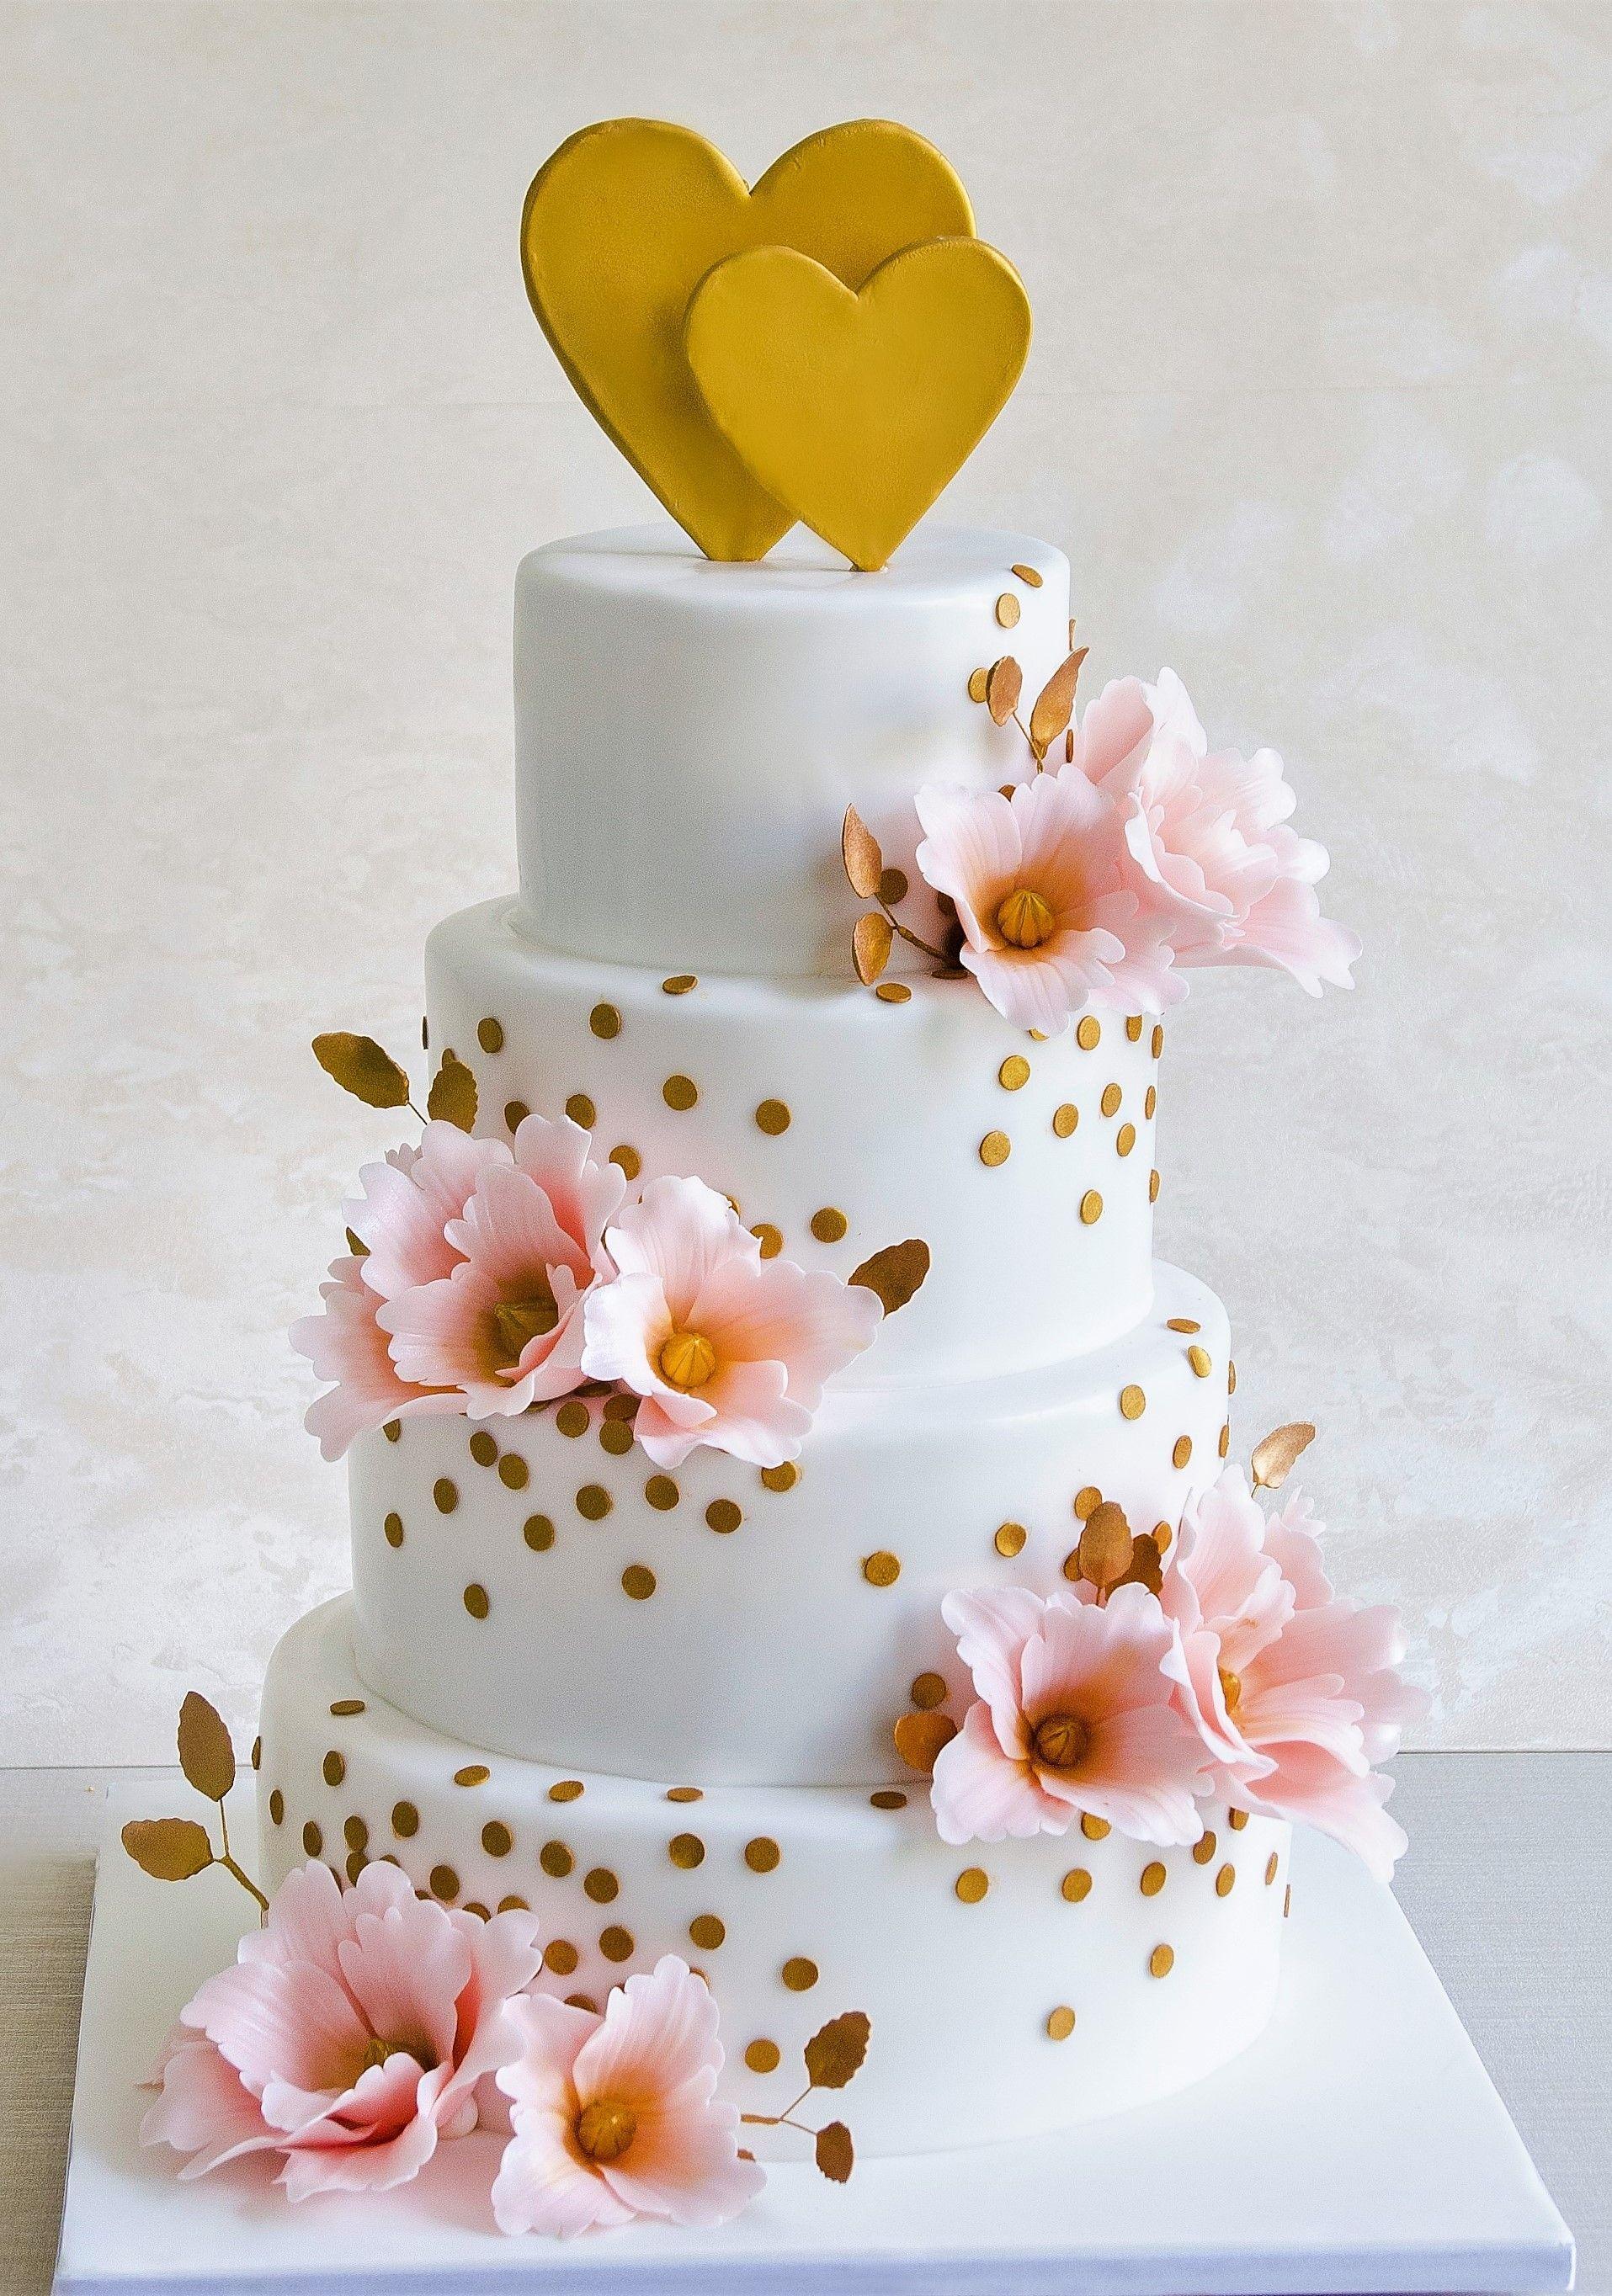 Tortul Decorat Cu Inimioare Aurii Si Flori De Culoare Roz Somon